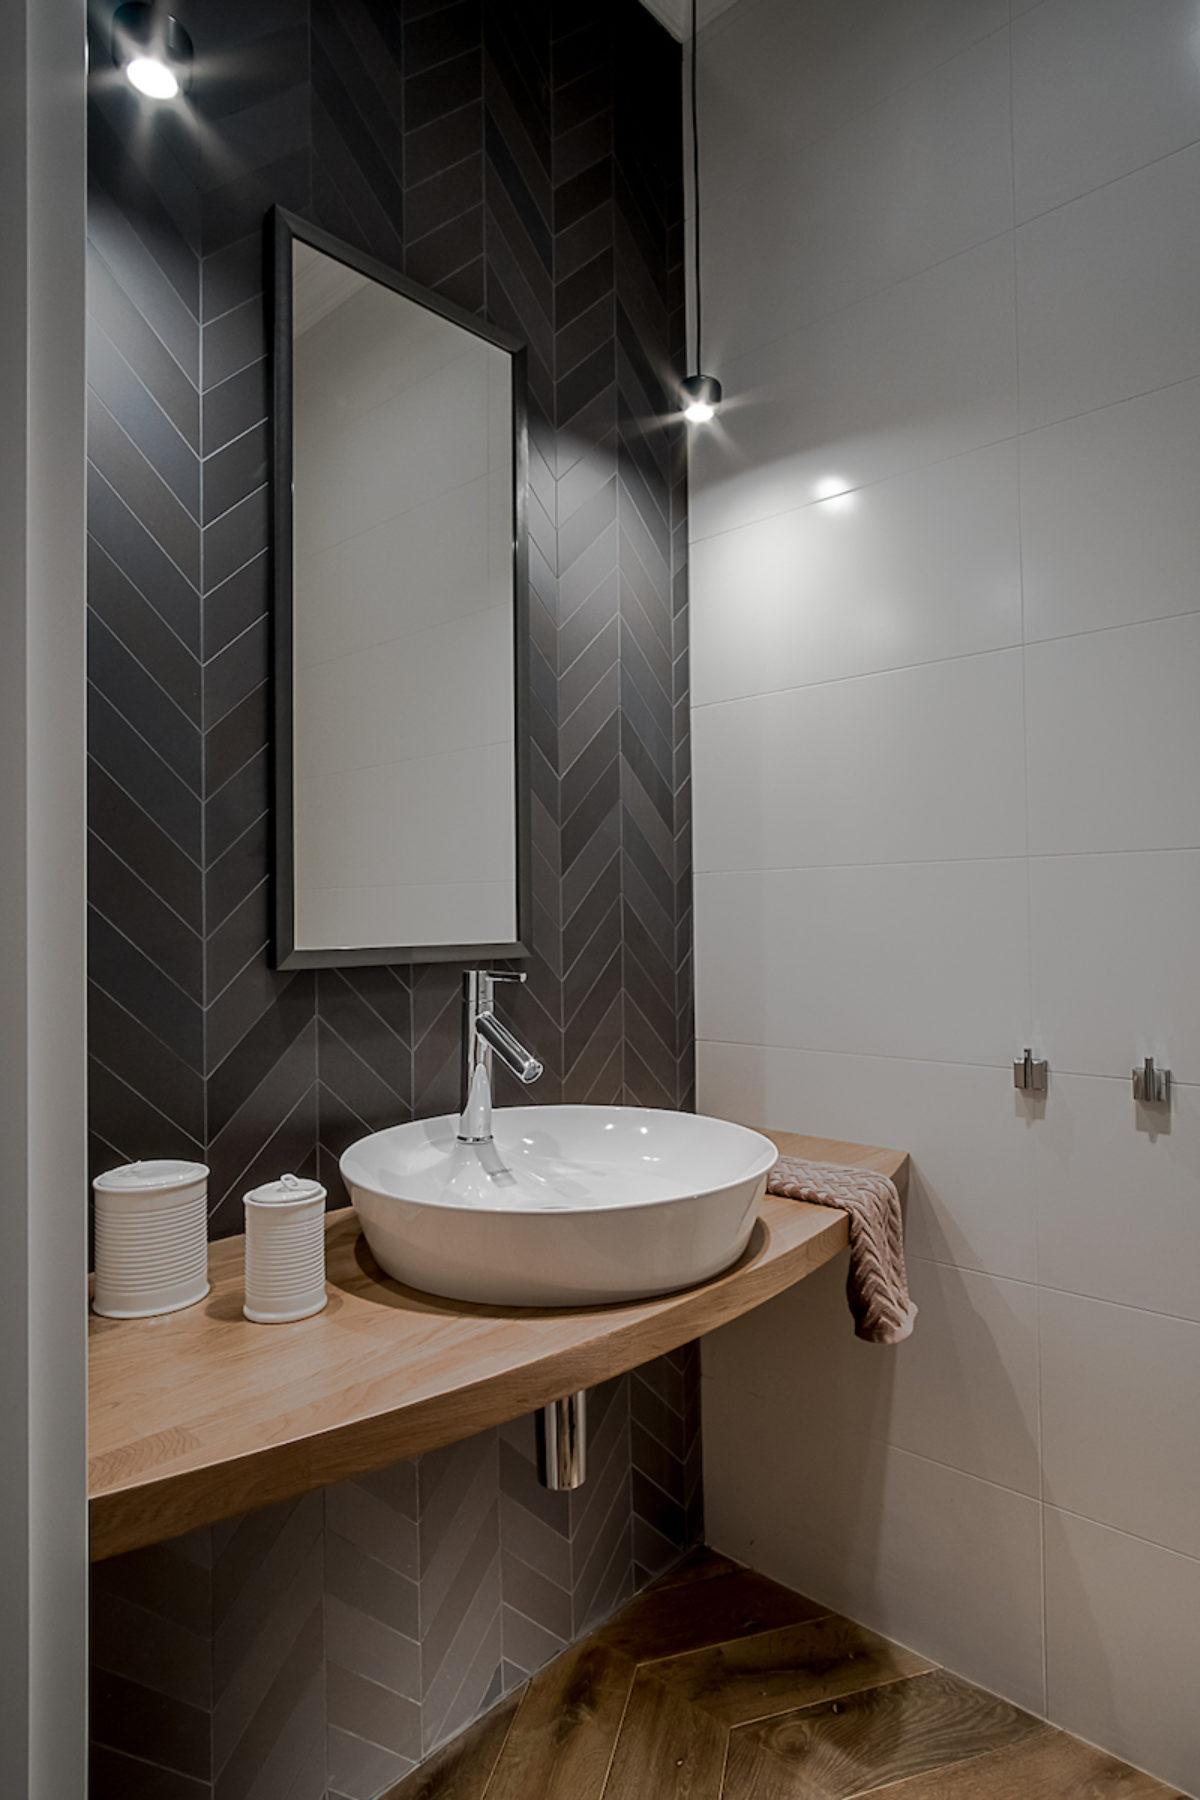 Toaleta dla gości | proj. Jacek Tryc